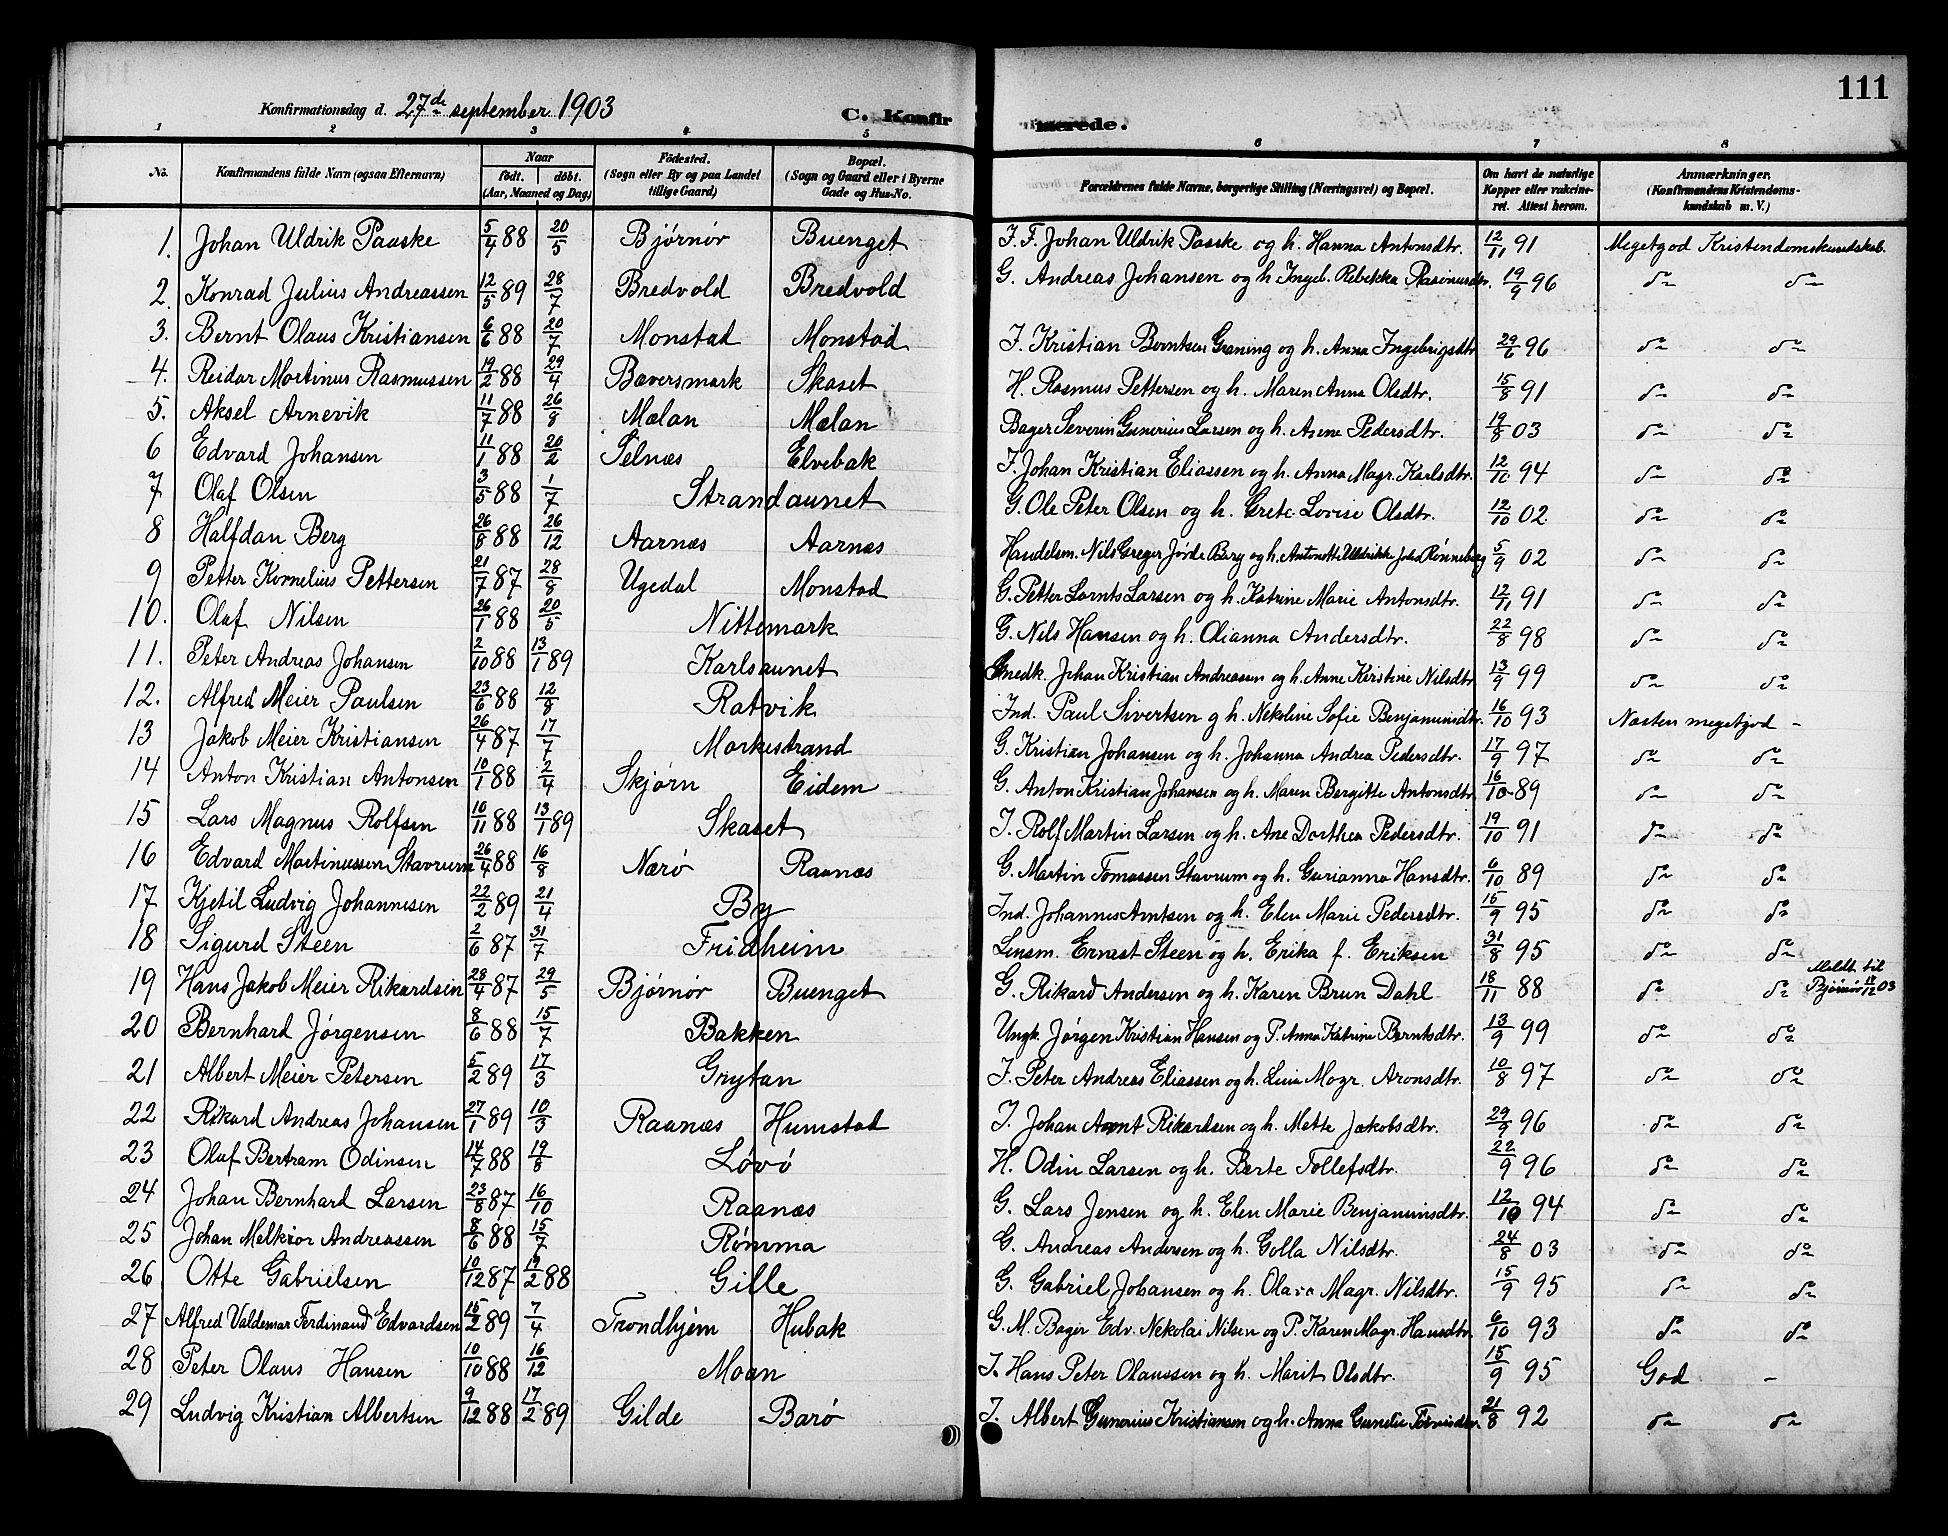 SAT, Ministerialprotokoller, klokkerbøker og fødselsregistre - Sør-Trøndelag, 655/L0688: Klokkerbok nr. 655C04, 1899-1922, s. 111